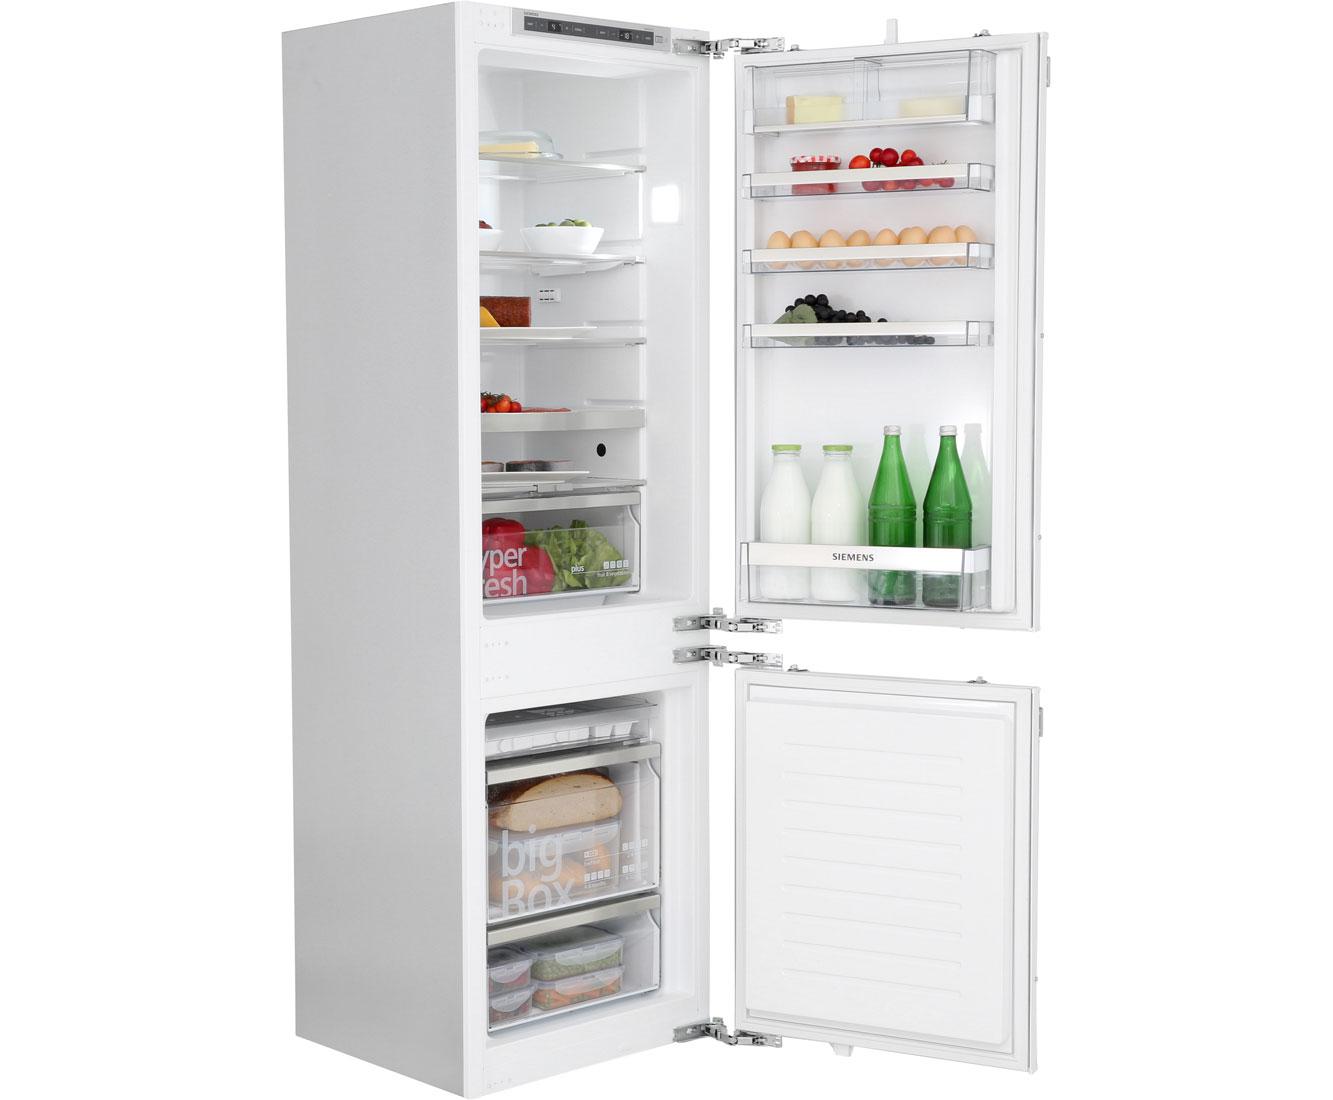 Bosch Kühlschrank Holiday Taste : Siemens ki86sad30 einbau kühl gefrierkombination 178er nische